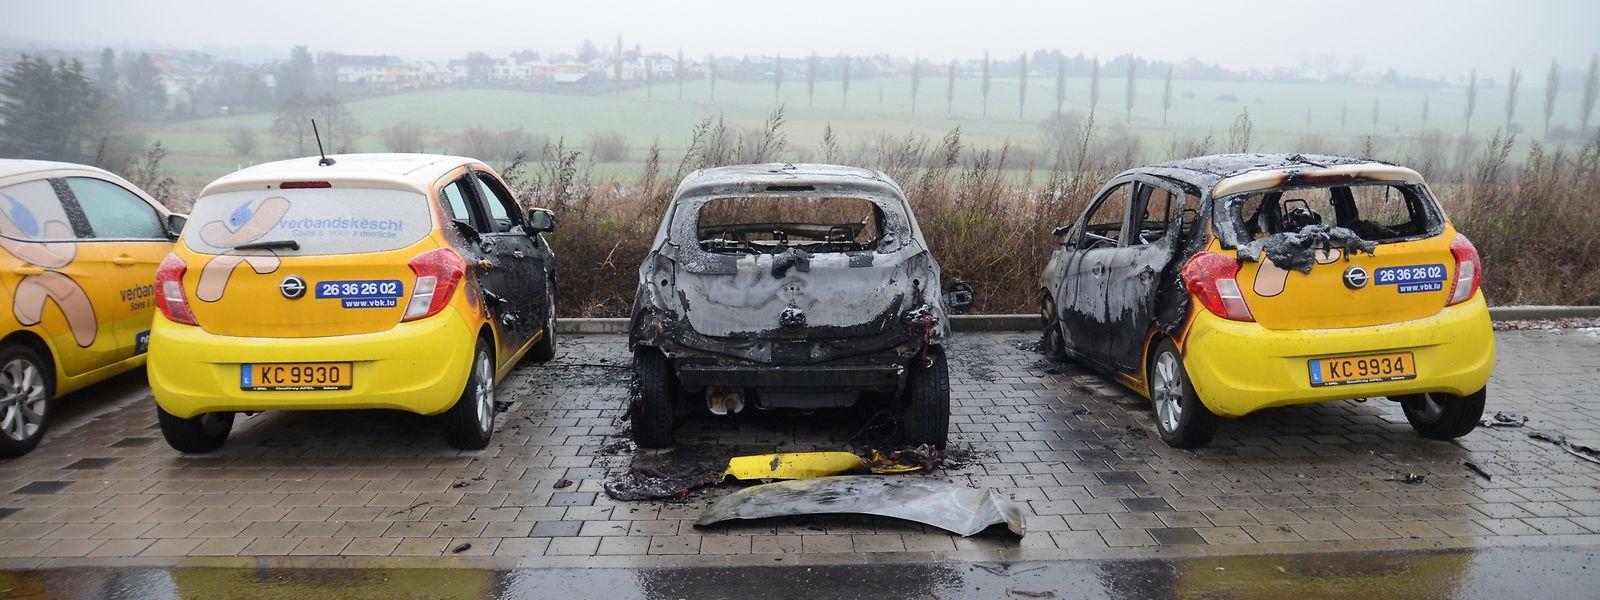 Am 11. Januar 2019 setzt ein unbekannter Täter im Ortseingang von Alzingen ein Auto eines privaten Pflegedienstes in Brand. Zwei weitere Fahrzeuge werden schwer beschädigt. Es ist nur eine weitere Brandstiftung in einer langen Serie.